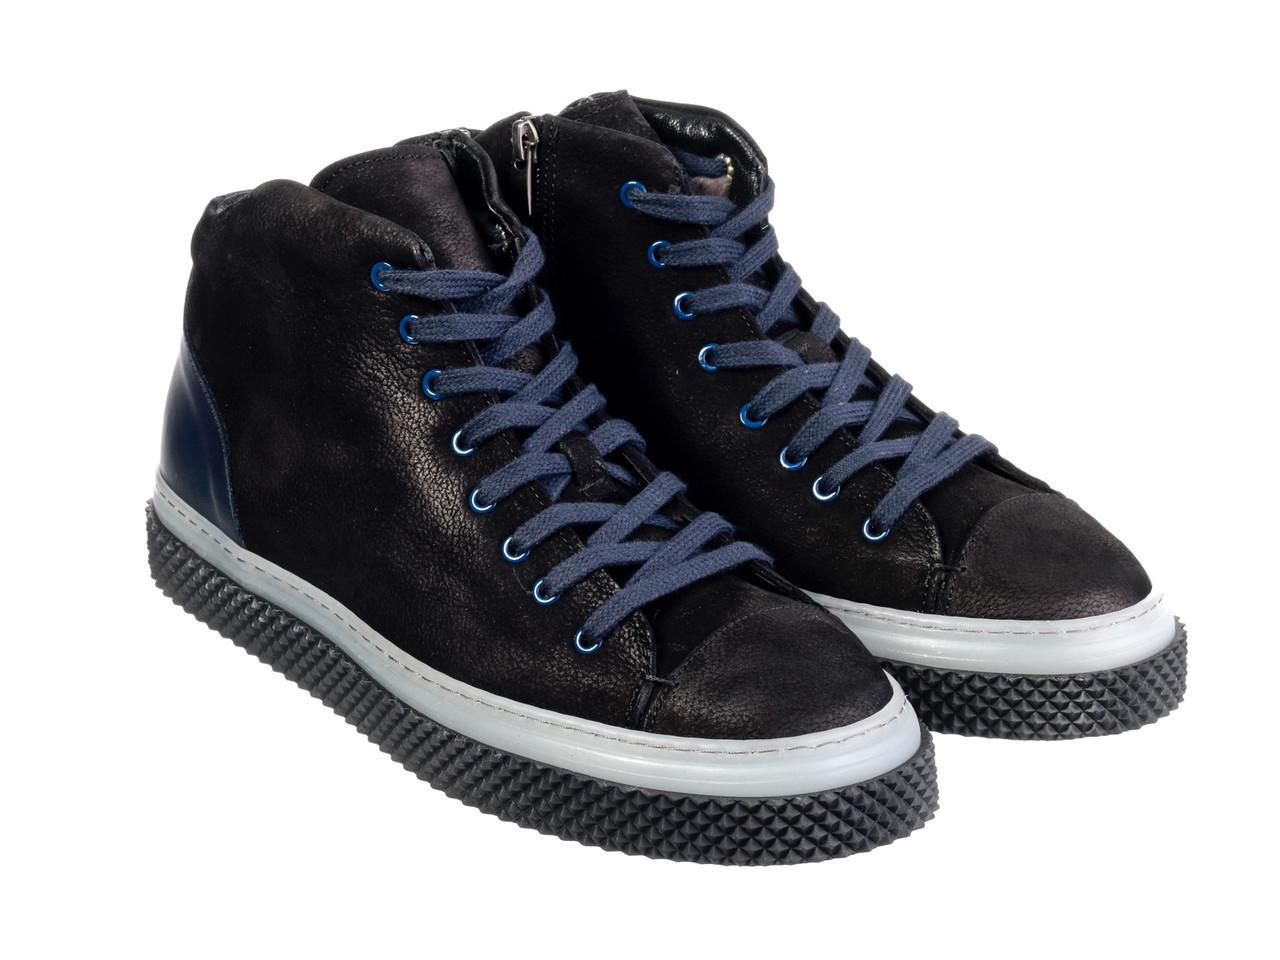 Ботинки Etor 9008-471 42 черные